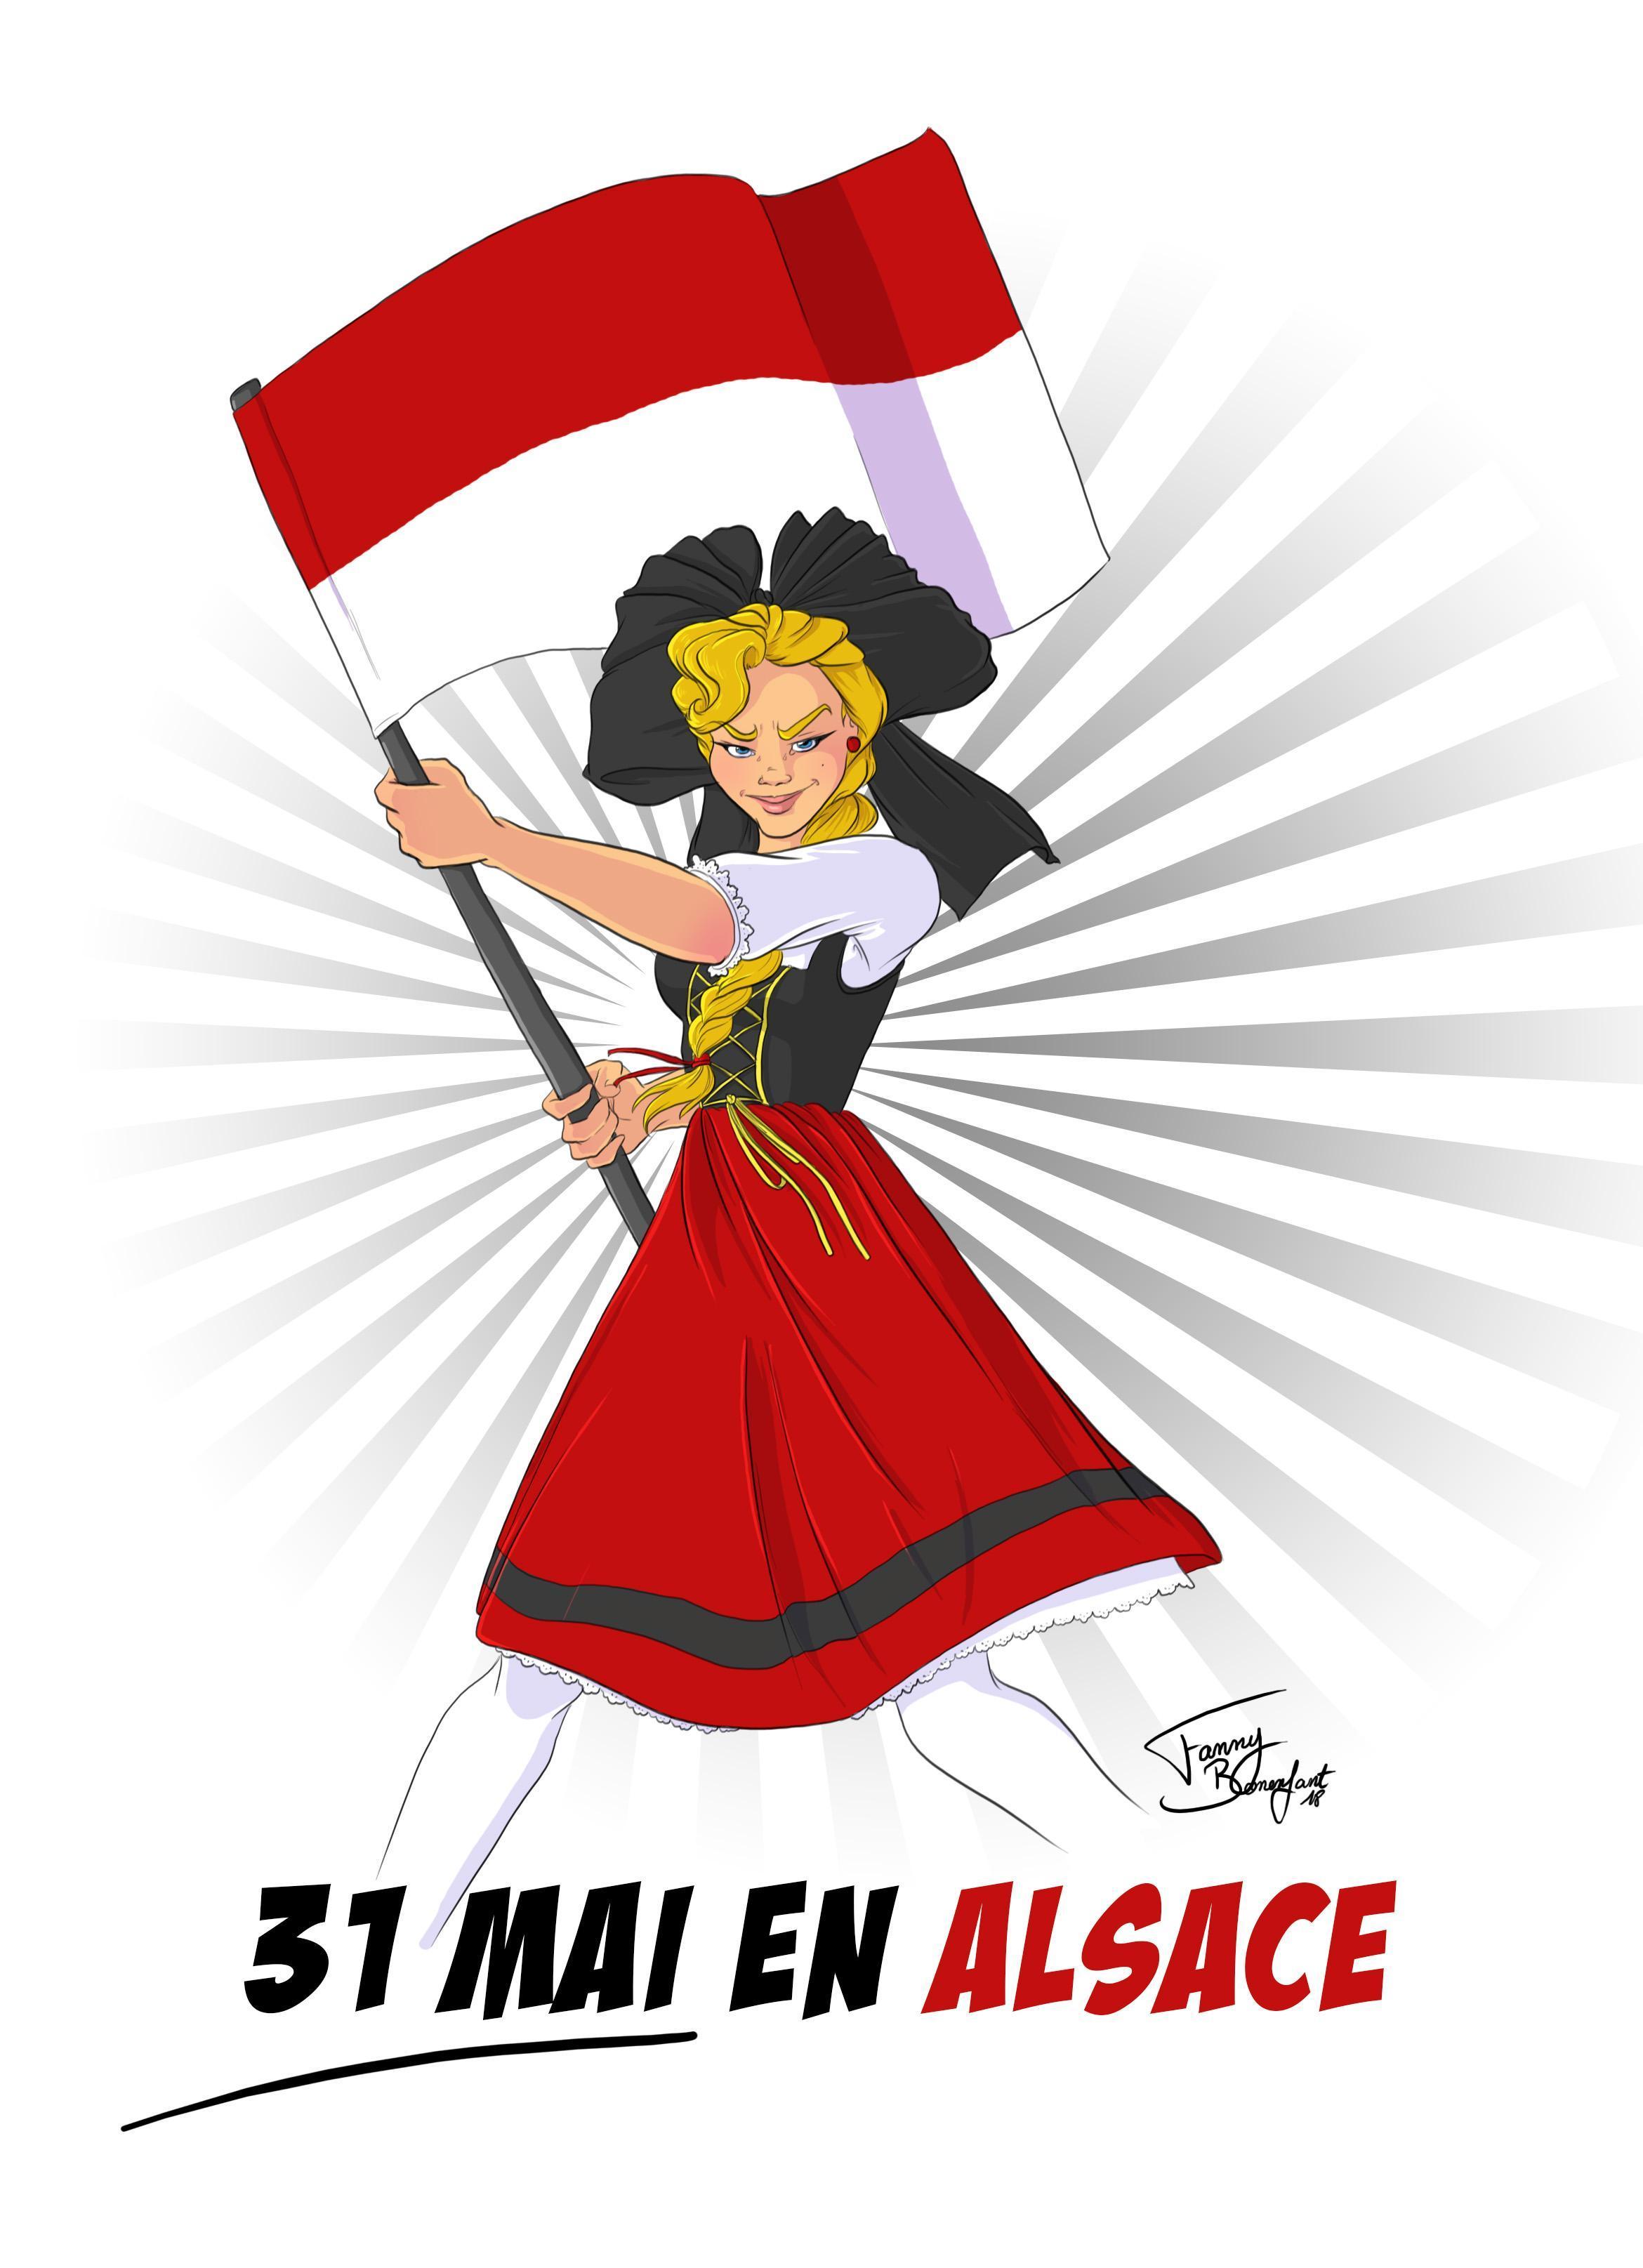 illustration 31 mai alsace rot und weiss illustration 31 mai alsace rot und weiss Heimetfescht